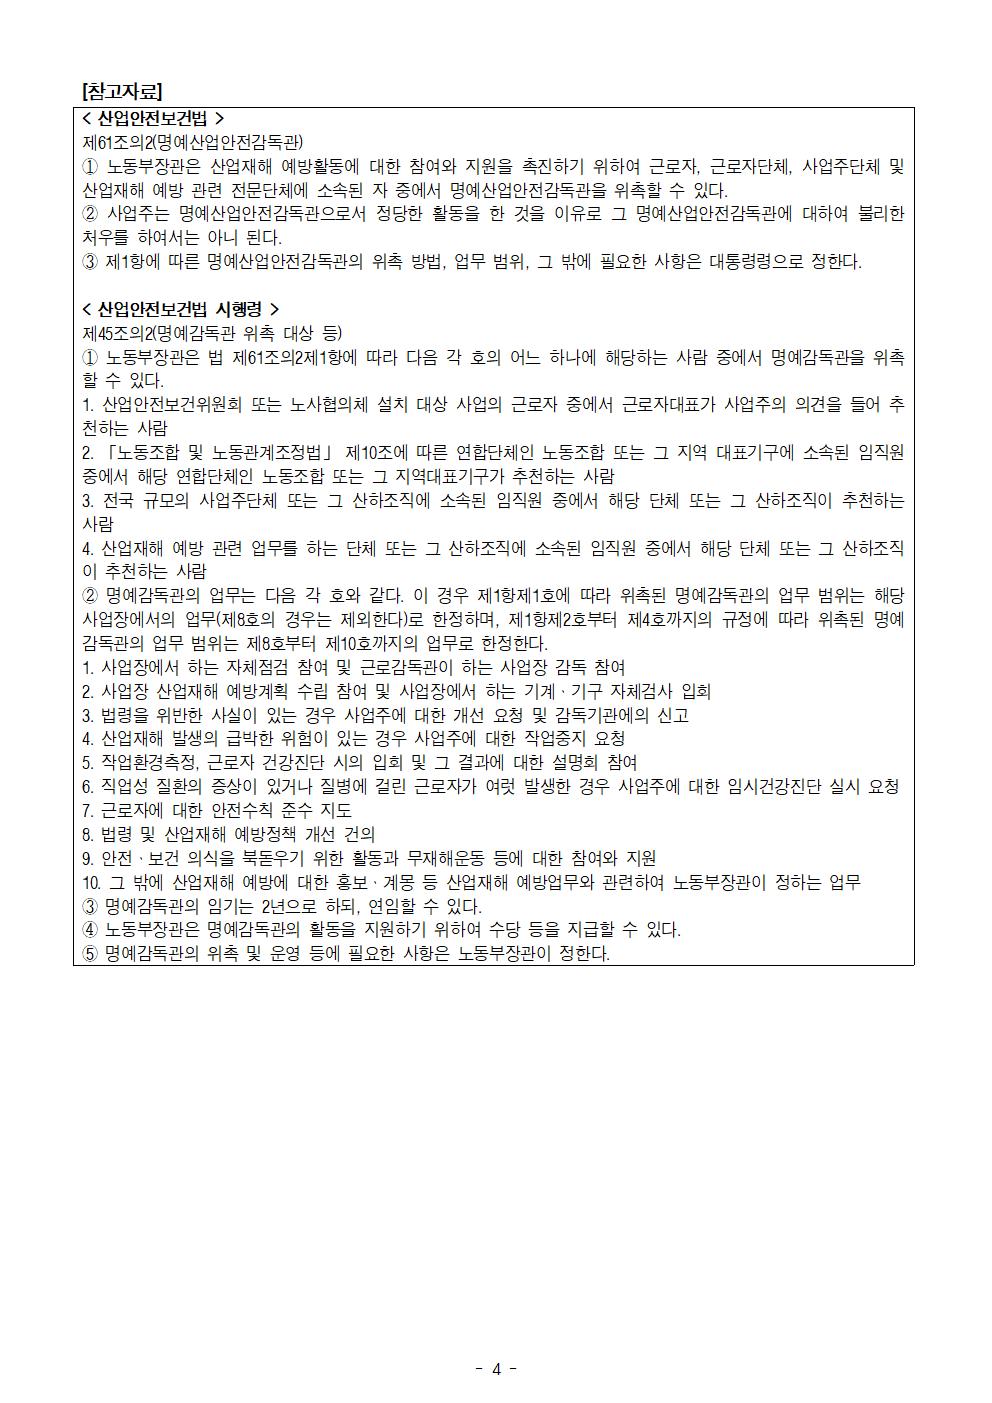 [안내문]_명예산업안전감독관 제도개선을 위한 실태조사_수정004.png